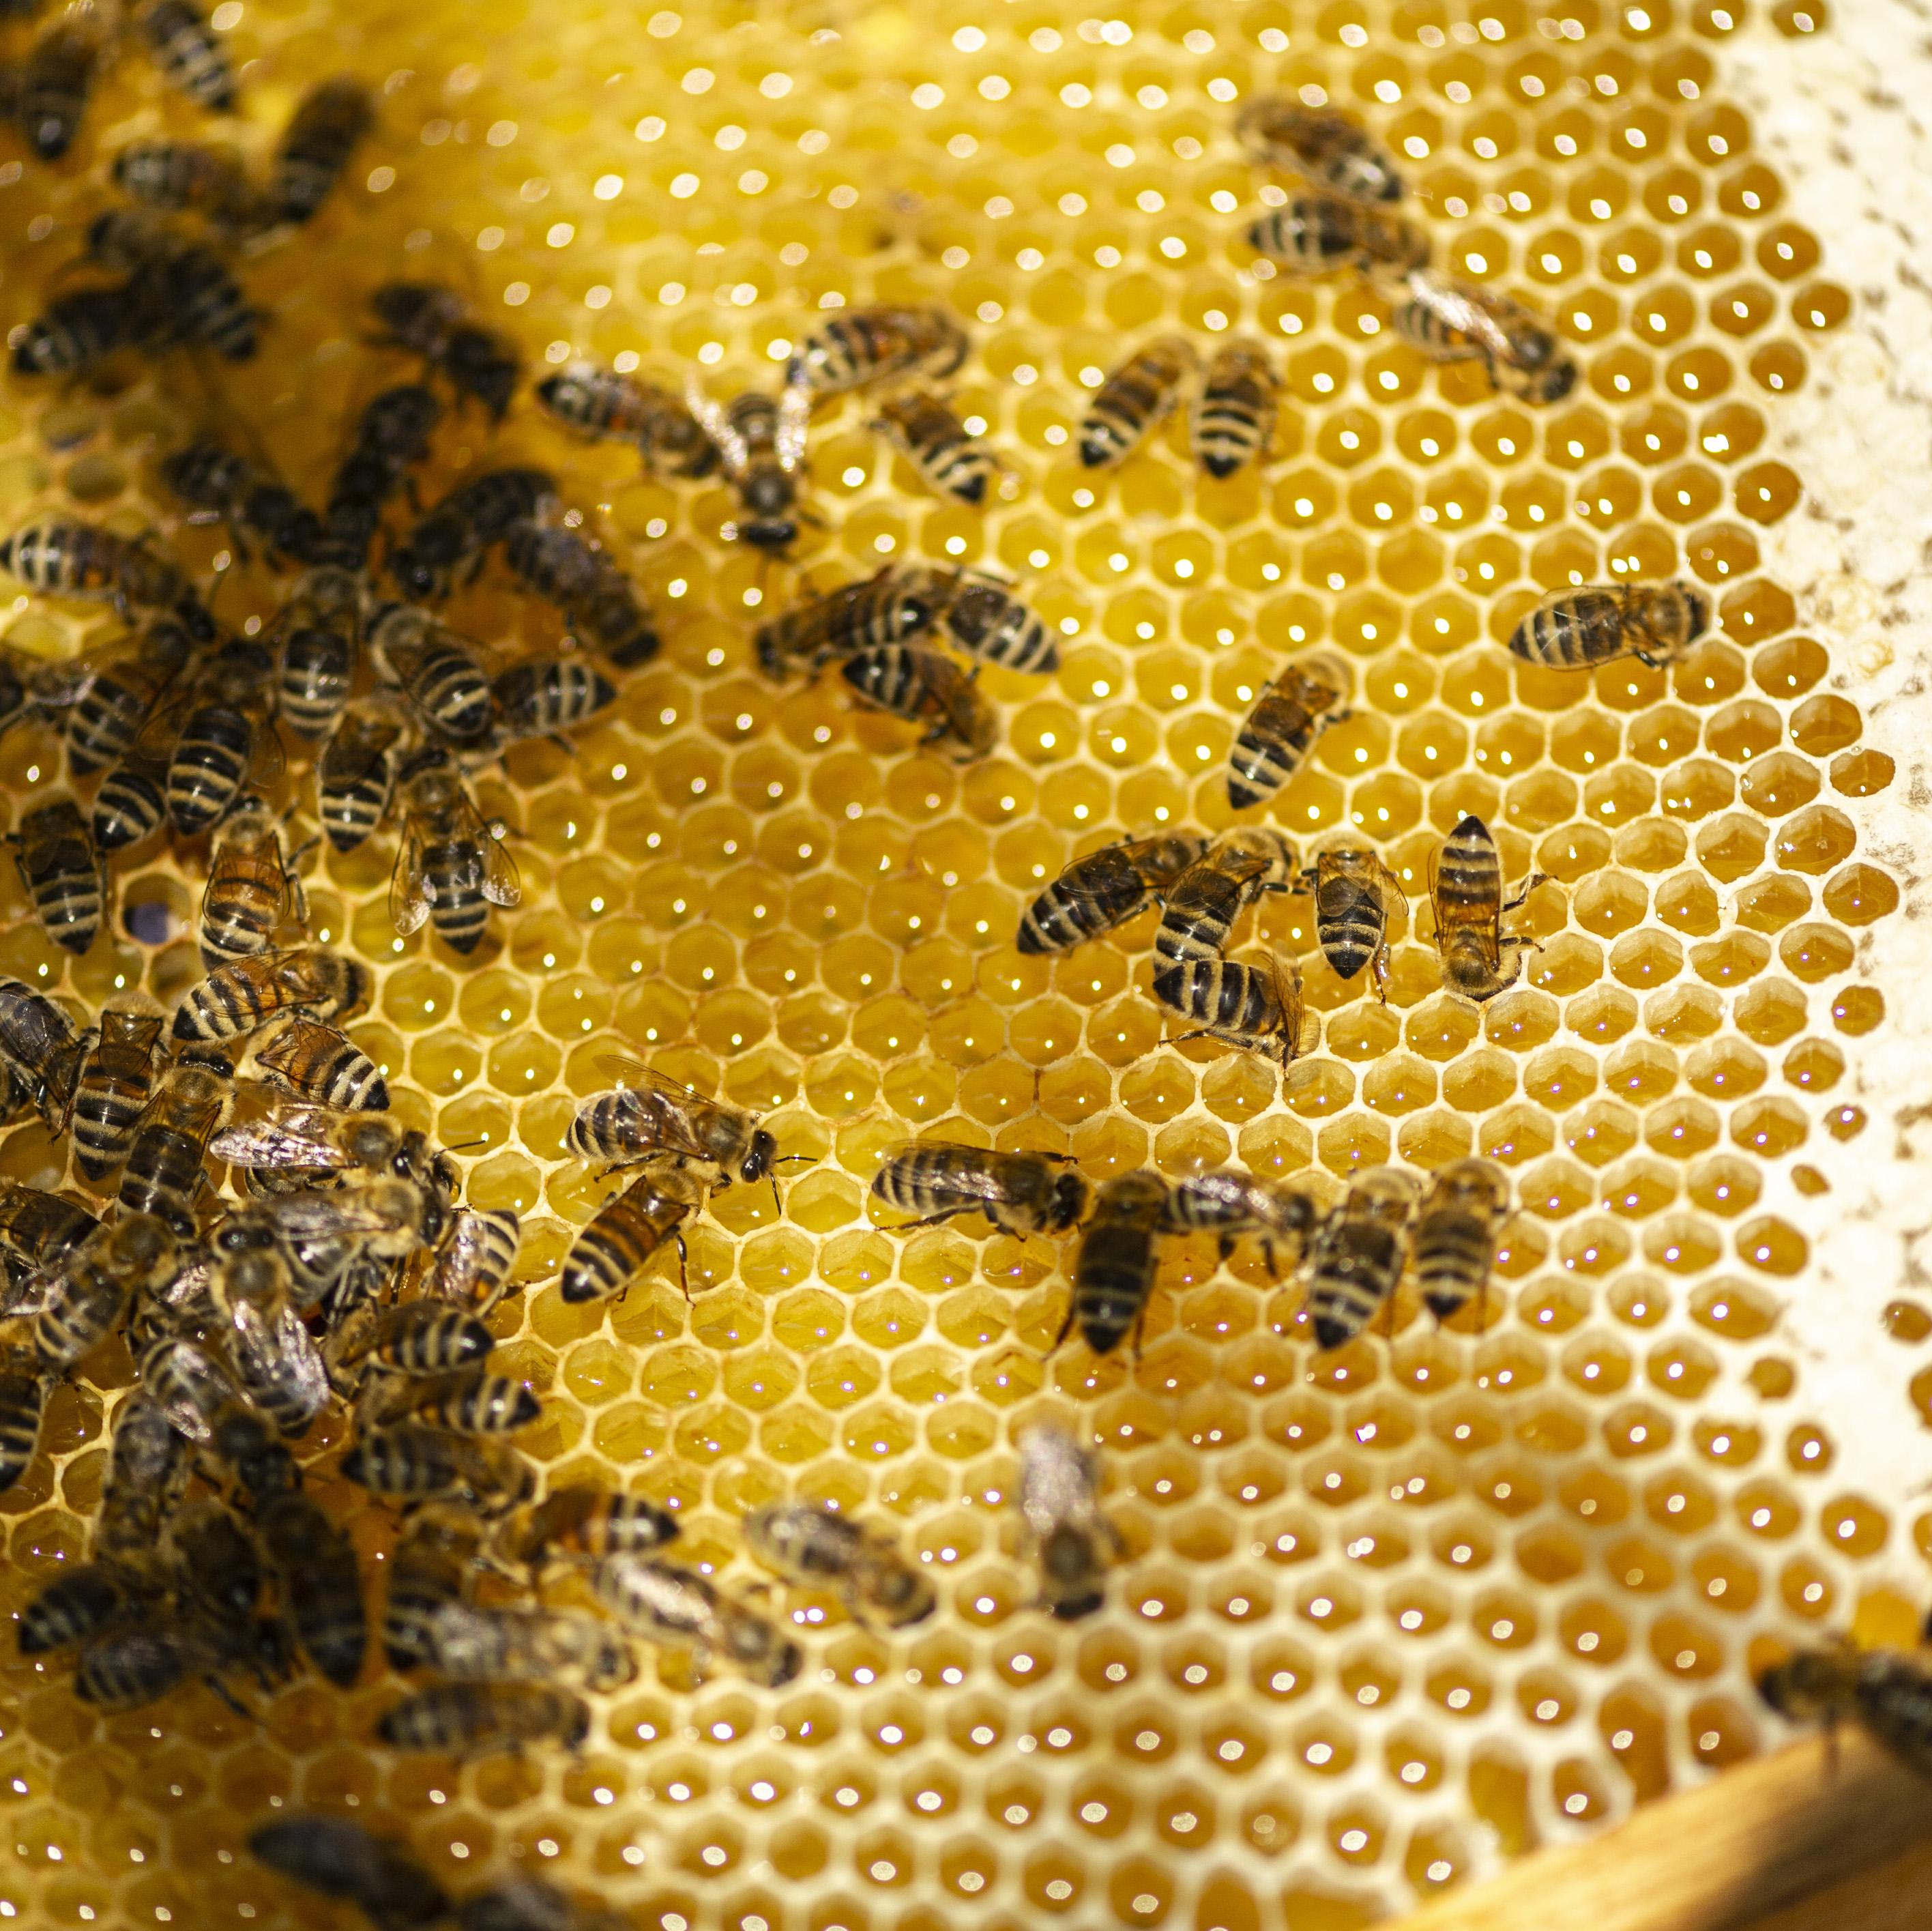 wynajem ula; mecenat pszczeli; adoptuj pszczoły; adopcja pszczół; ul na wynajem